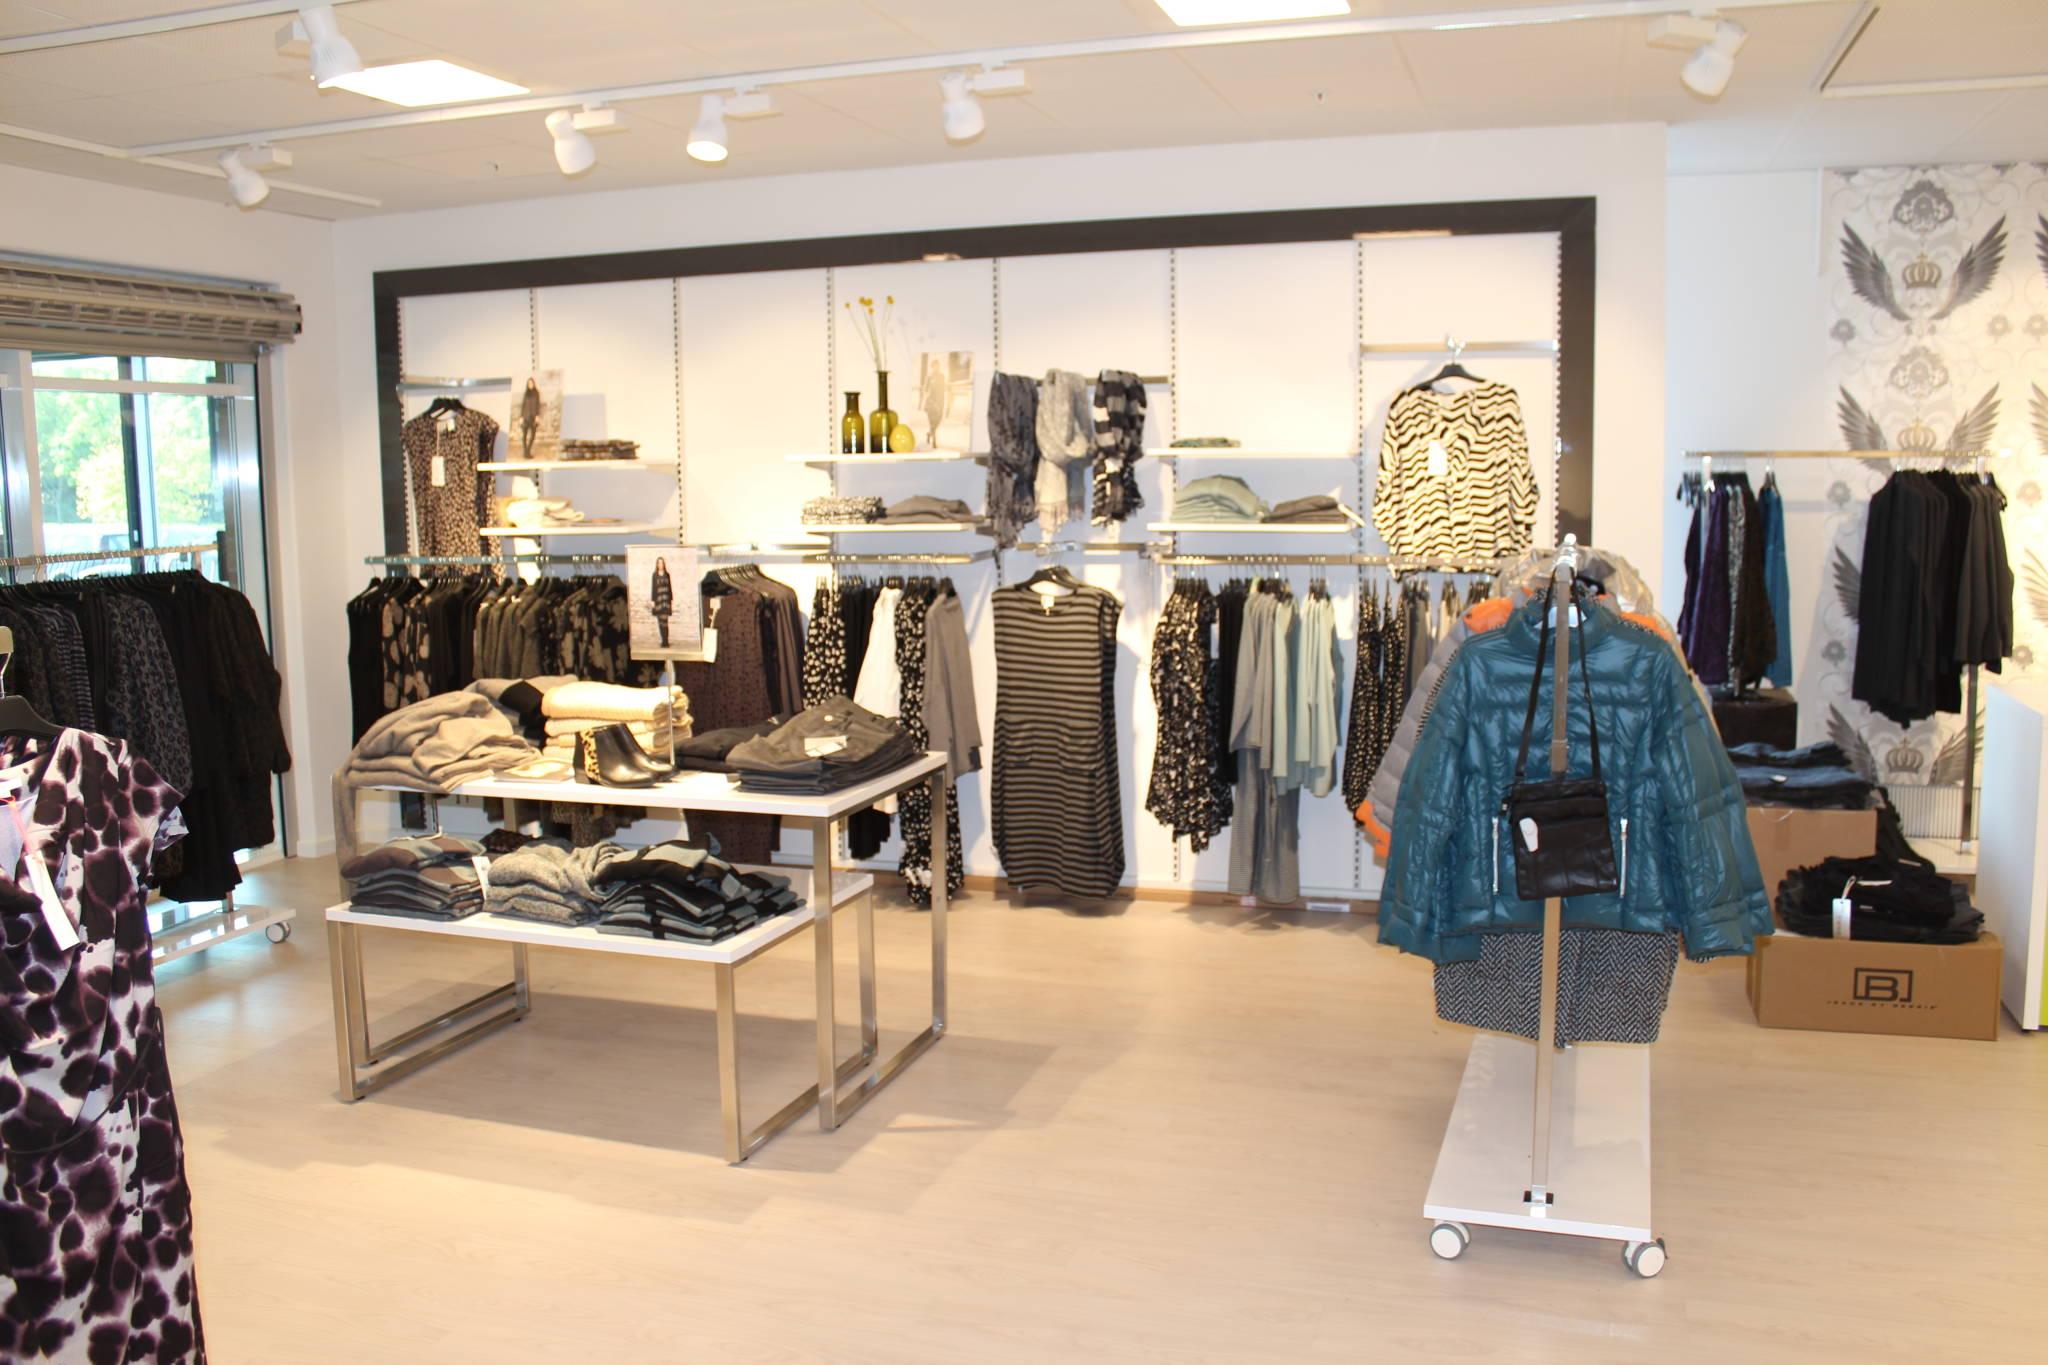 Flot og rummelig indrettet butik med god plads. Se flere billeder af butiksinventar og se de flotte højglans grønne inventar dele.